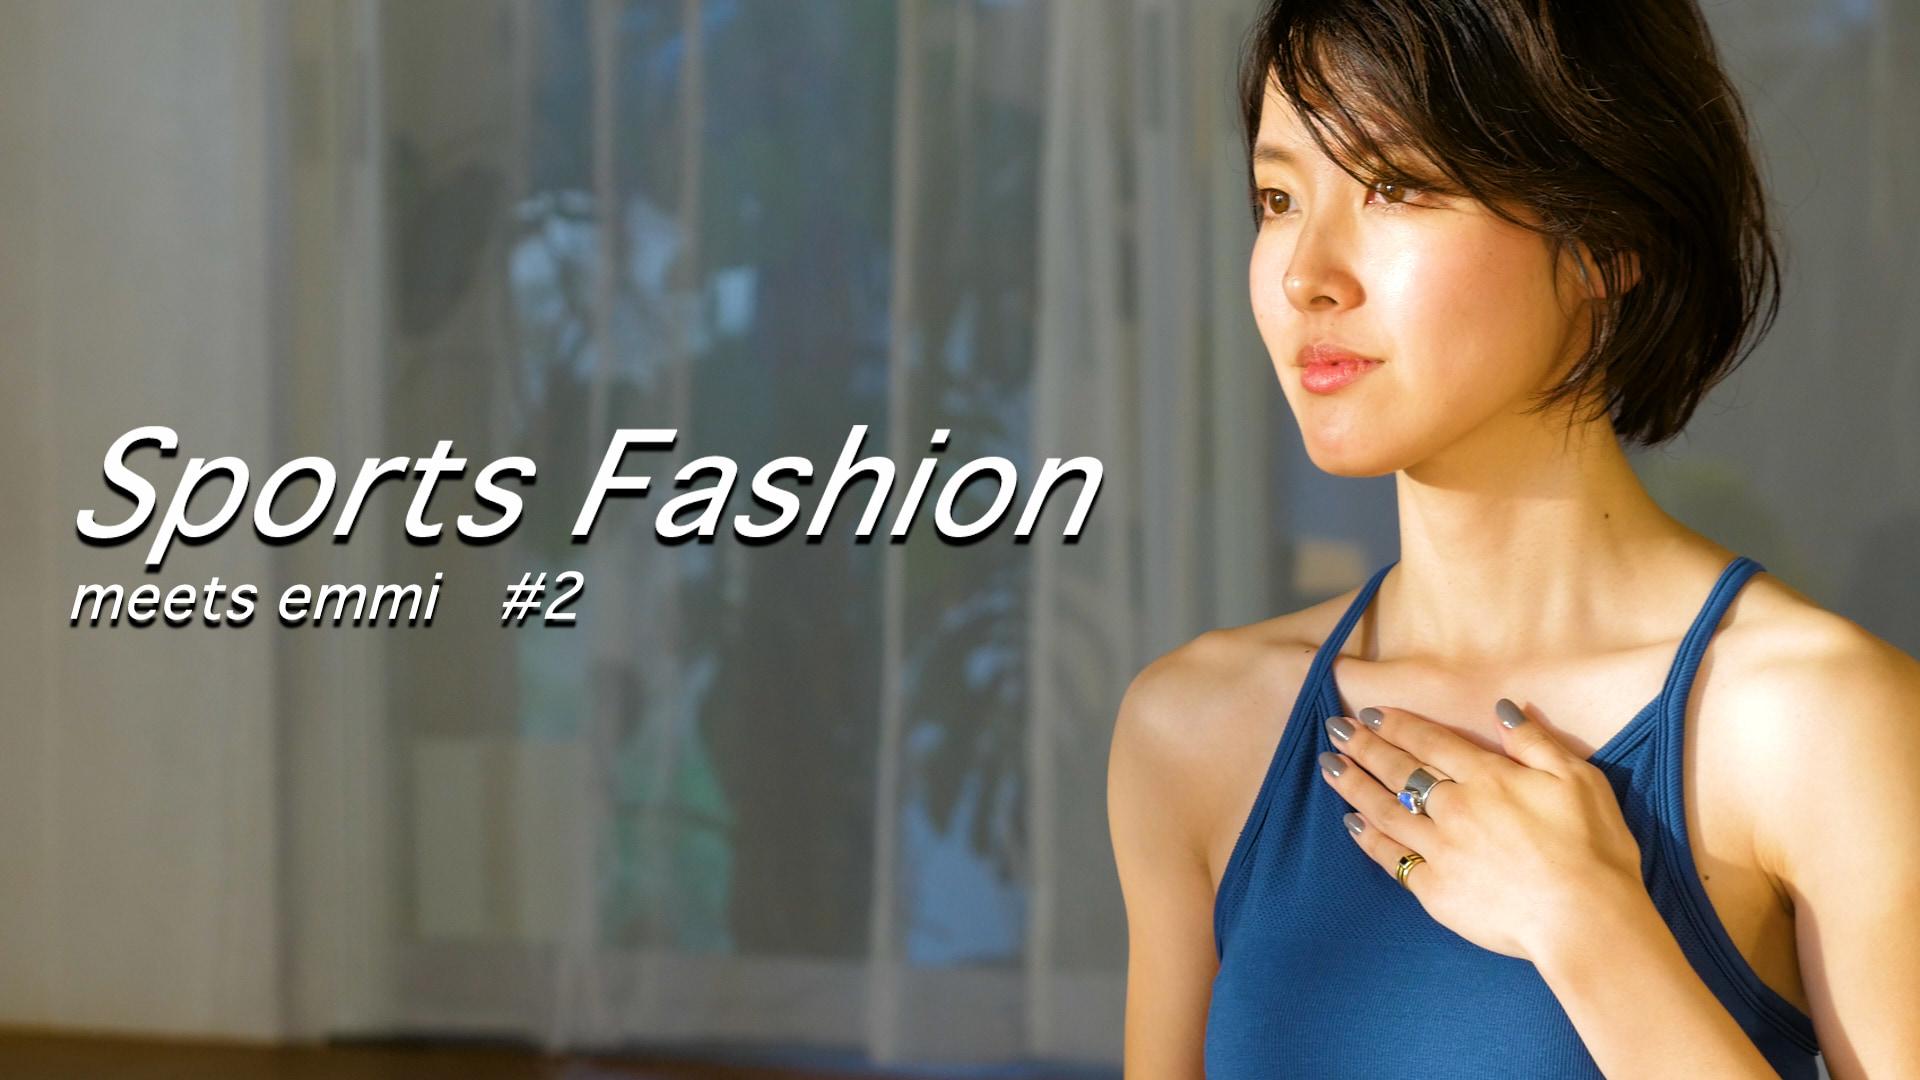 #2 アクティブなライフスタイルはSports mix Fashionでアップグレード!=ピラティス編=